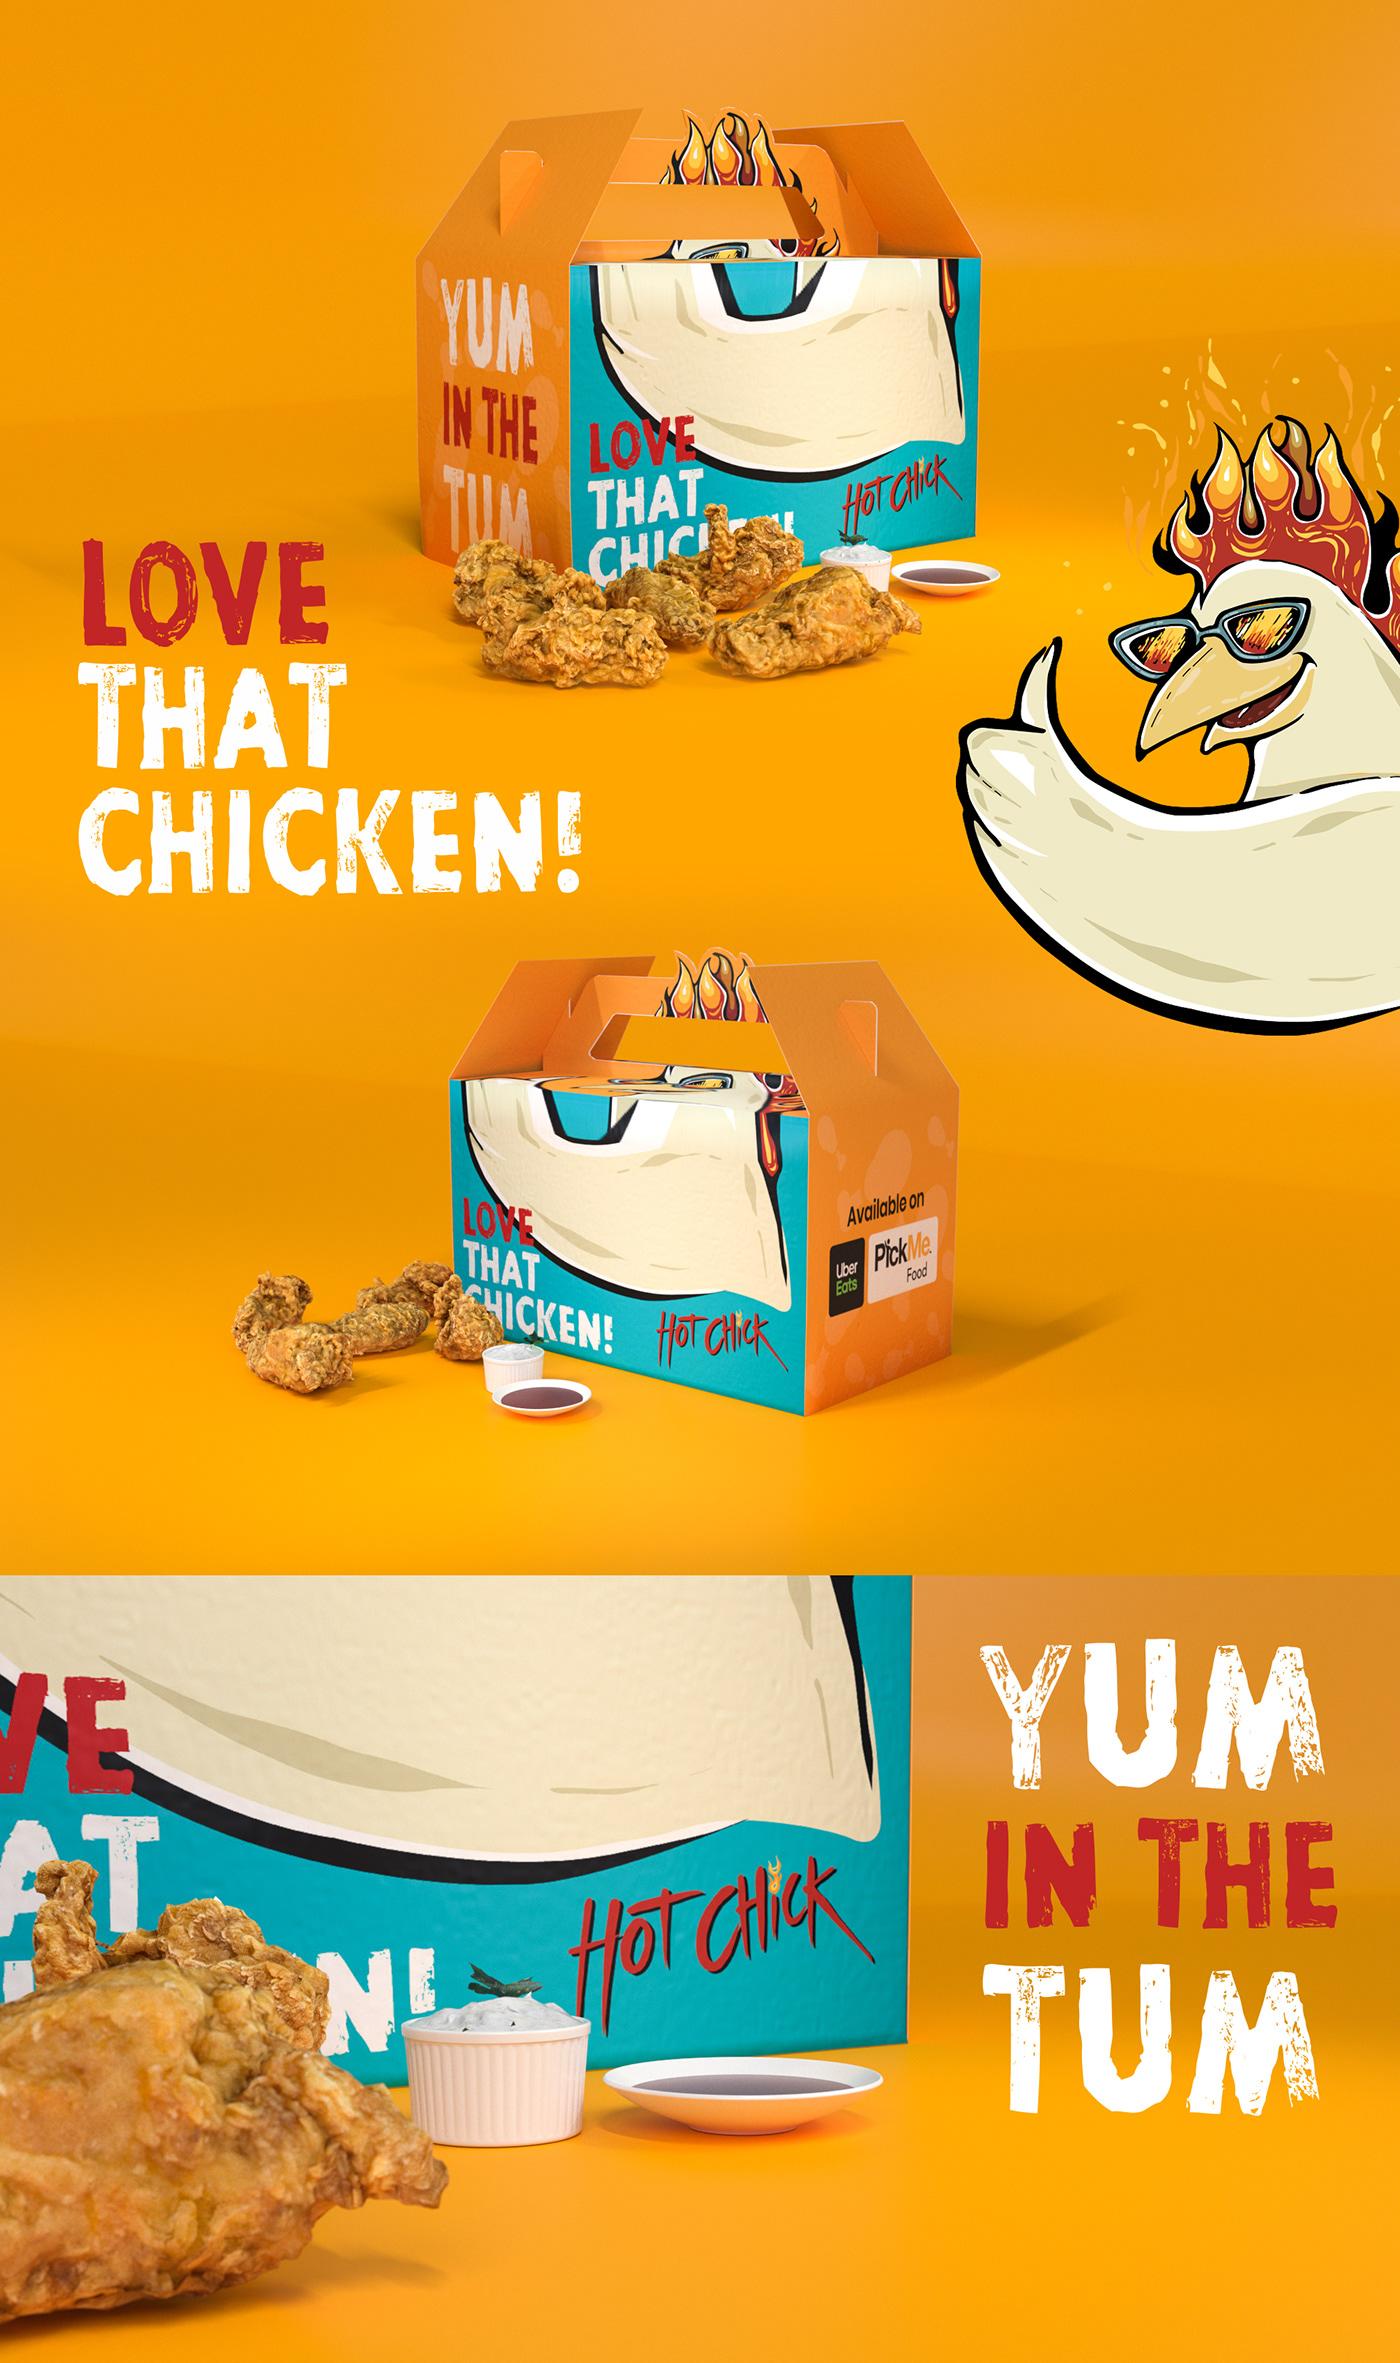 Advertising  brand branding  package Packaging visual identity